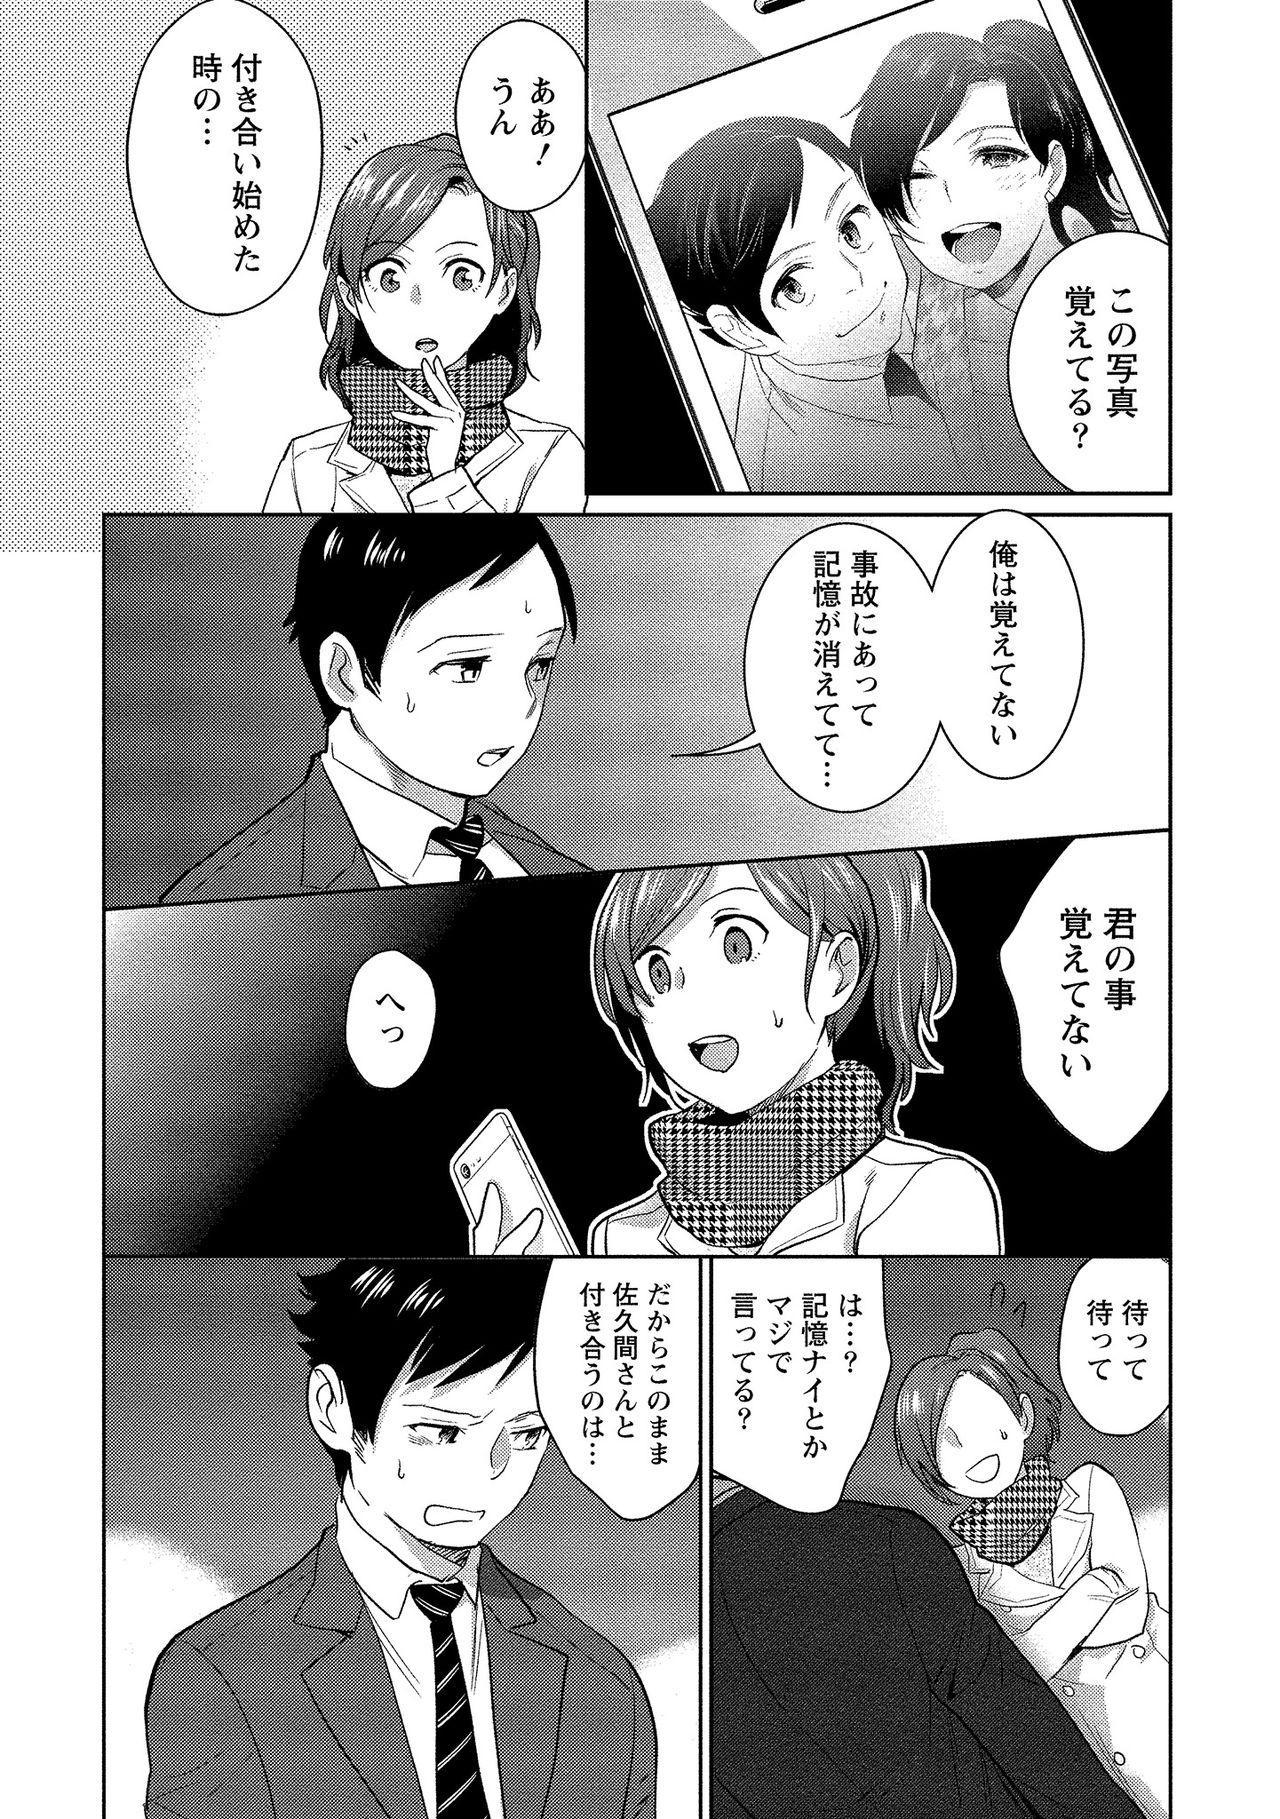 Dorobou Neko wa Kanojo no Hajimari 170